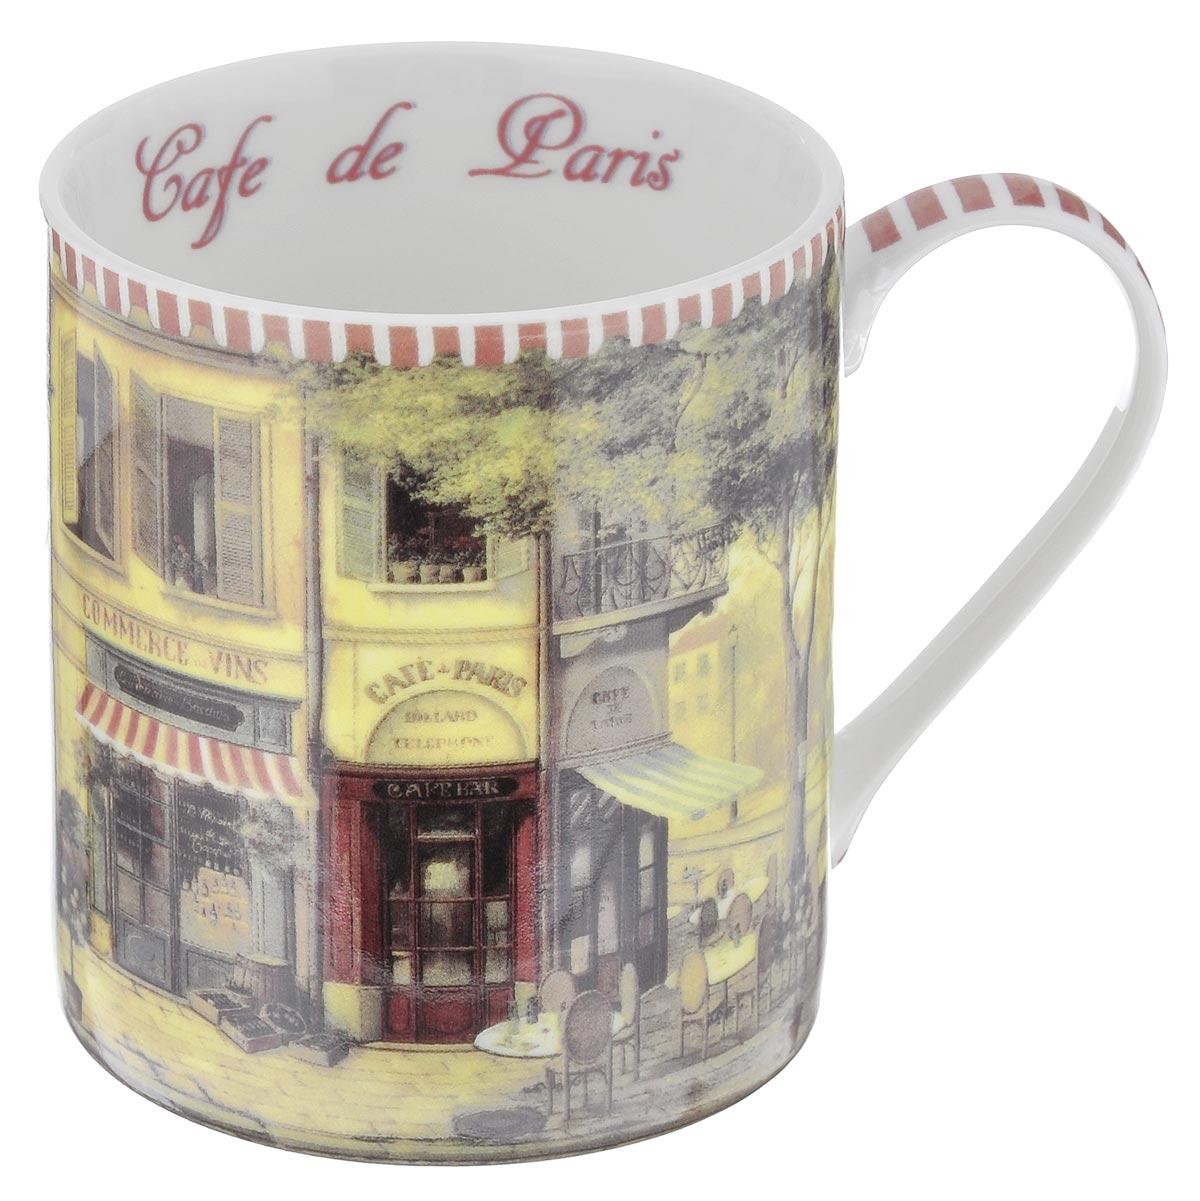 Кружка GiftnHome Парижское кафе, 400 млM-400 CafeКружка GiftnHome Парижское кафе изготовлена из высококачественного костяного фарфора, покрытого слоем сверкающей глазури. Внешние стенки оформлены красочным изображением кофейни. Внутренняя поверхность декорирована надписью: Cafe de Paris. Кружка отличается высоким качеством и стильным дизайном. Она станет прекрасным подарком к любому случаю. Можно использовать в СВЧ и посудомоечной машине.